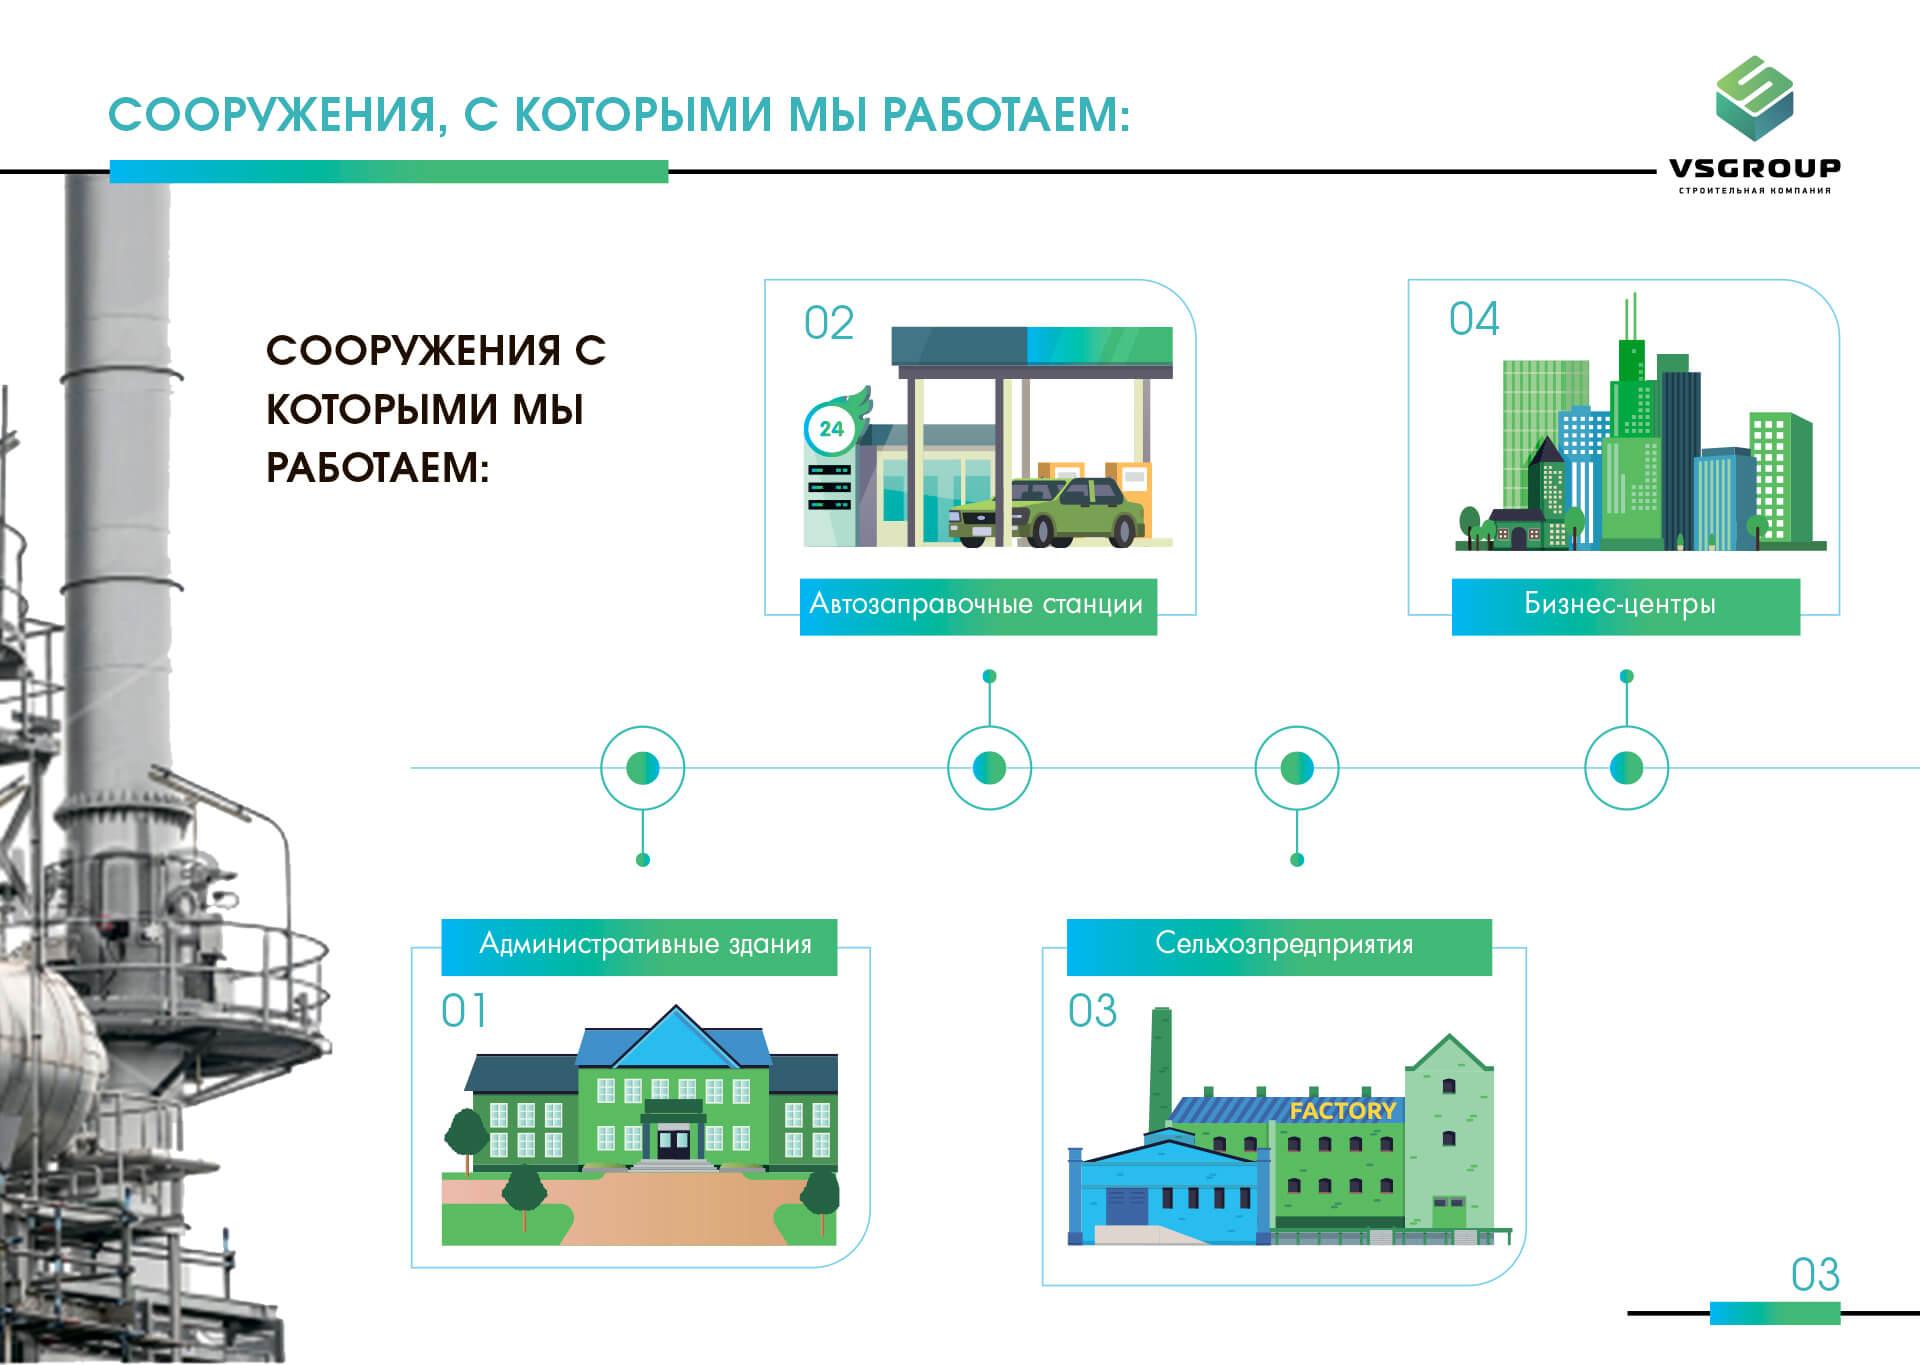 Презентация строительной компании образец, скачать пример